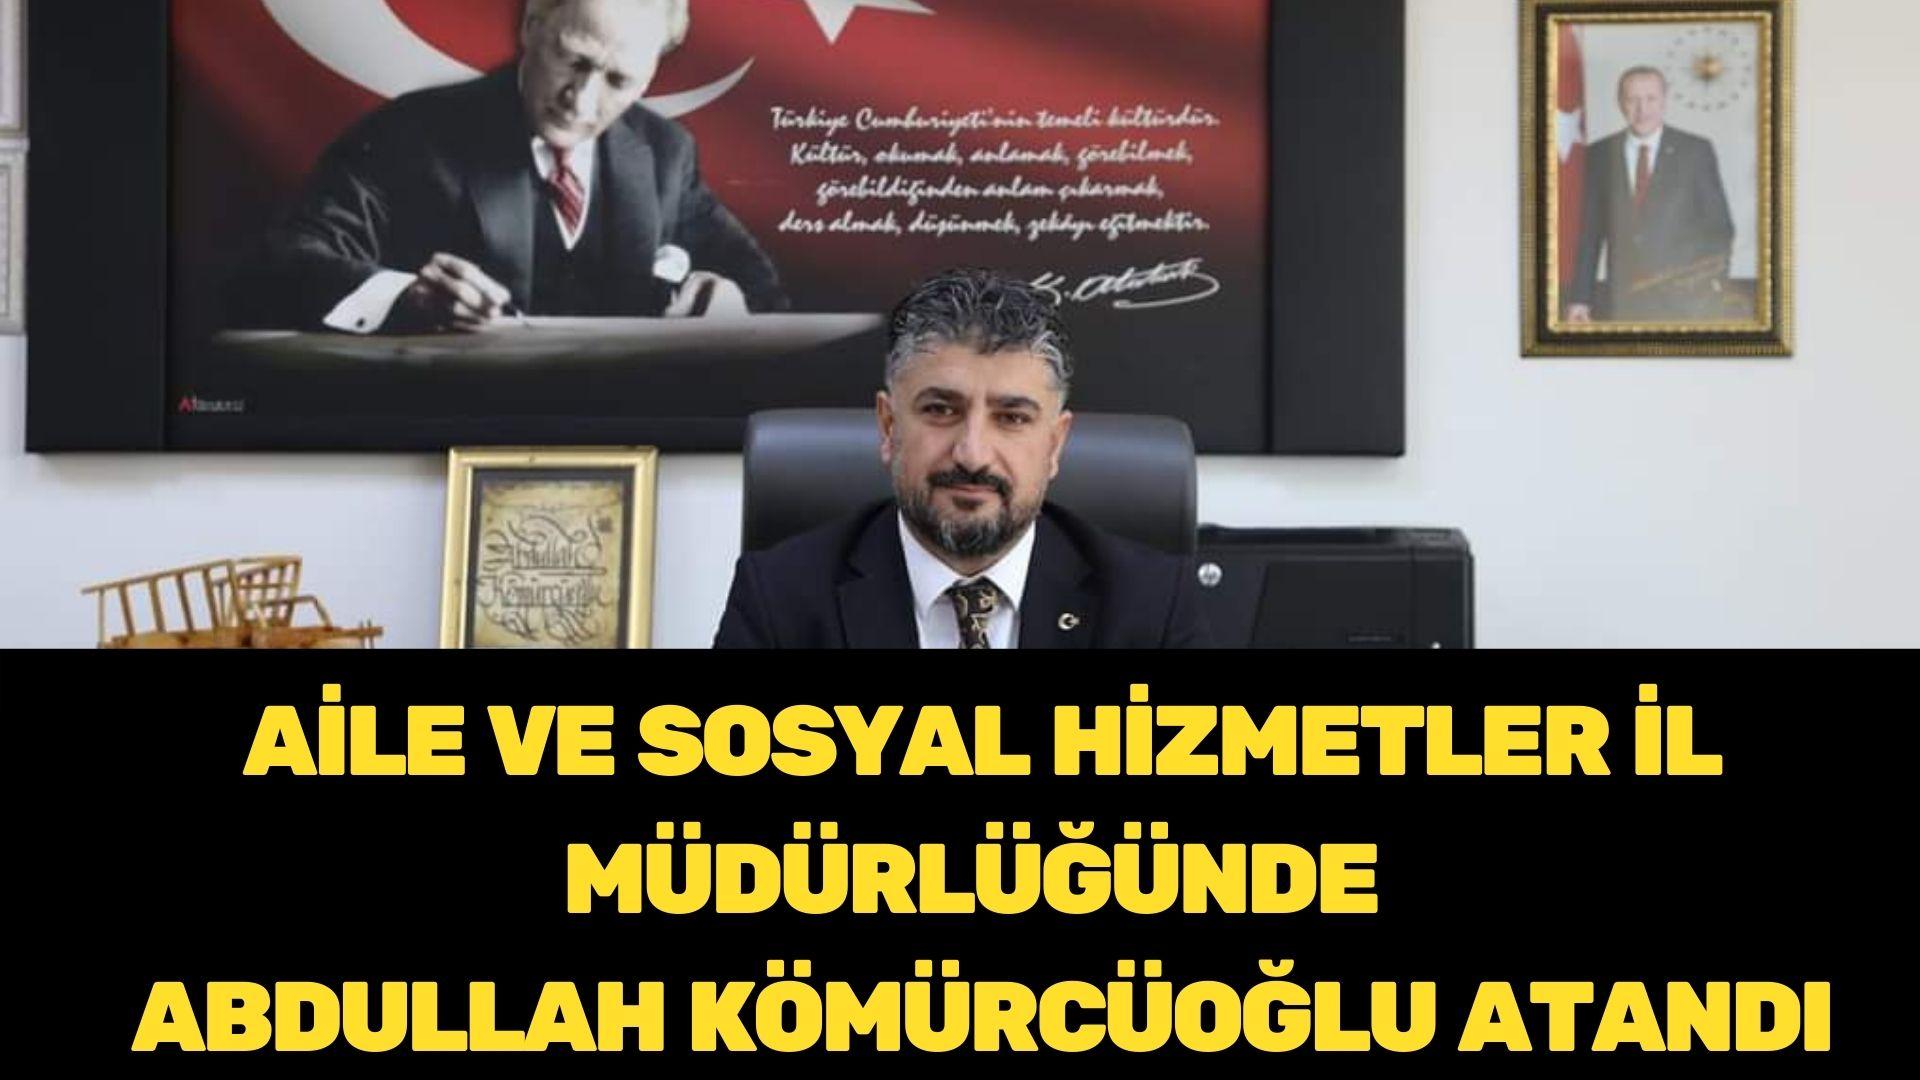 Aile ve Sosyal Hizmetler İl Müdürlüğüne Kömürcüoğlu atandı